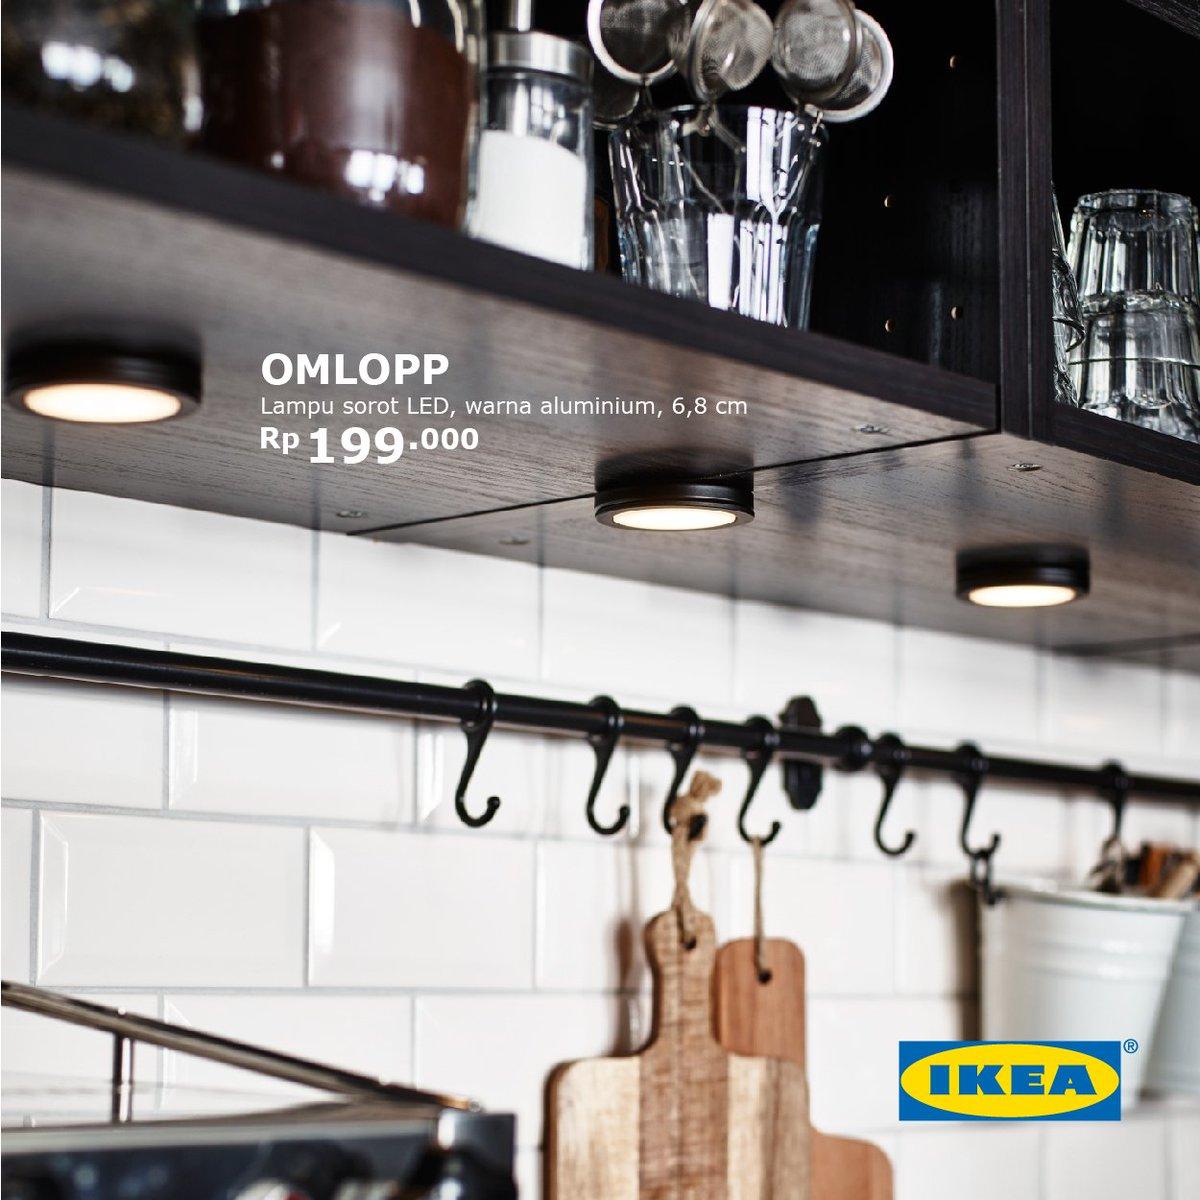 Ikea Indonesia On Twitter Cek Produk Dari Berikut Ini Lampu Sorot Atas Not Hitam Putih Dan